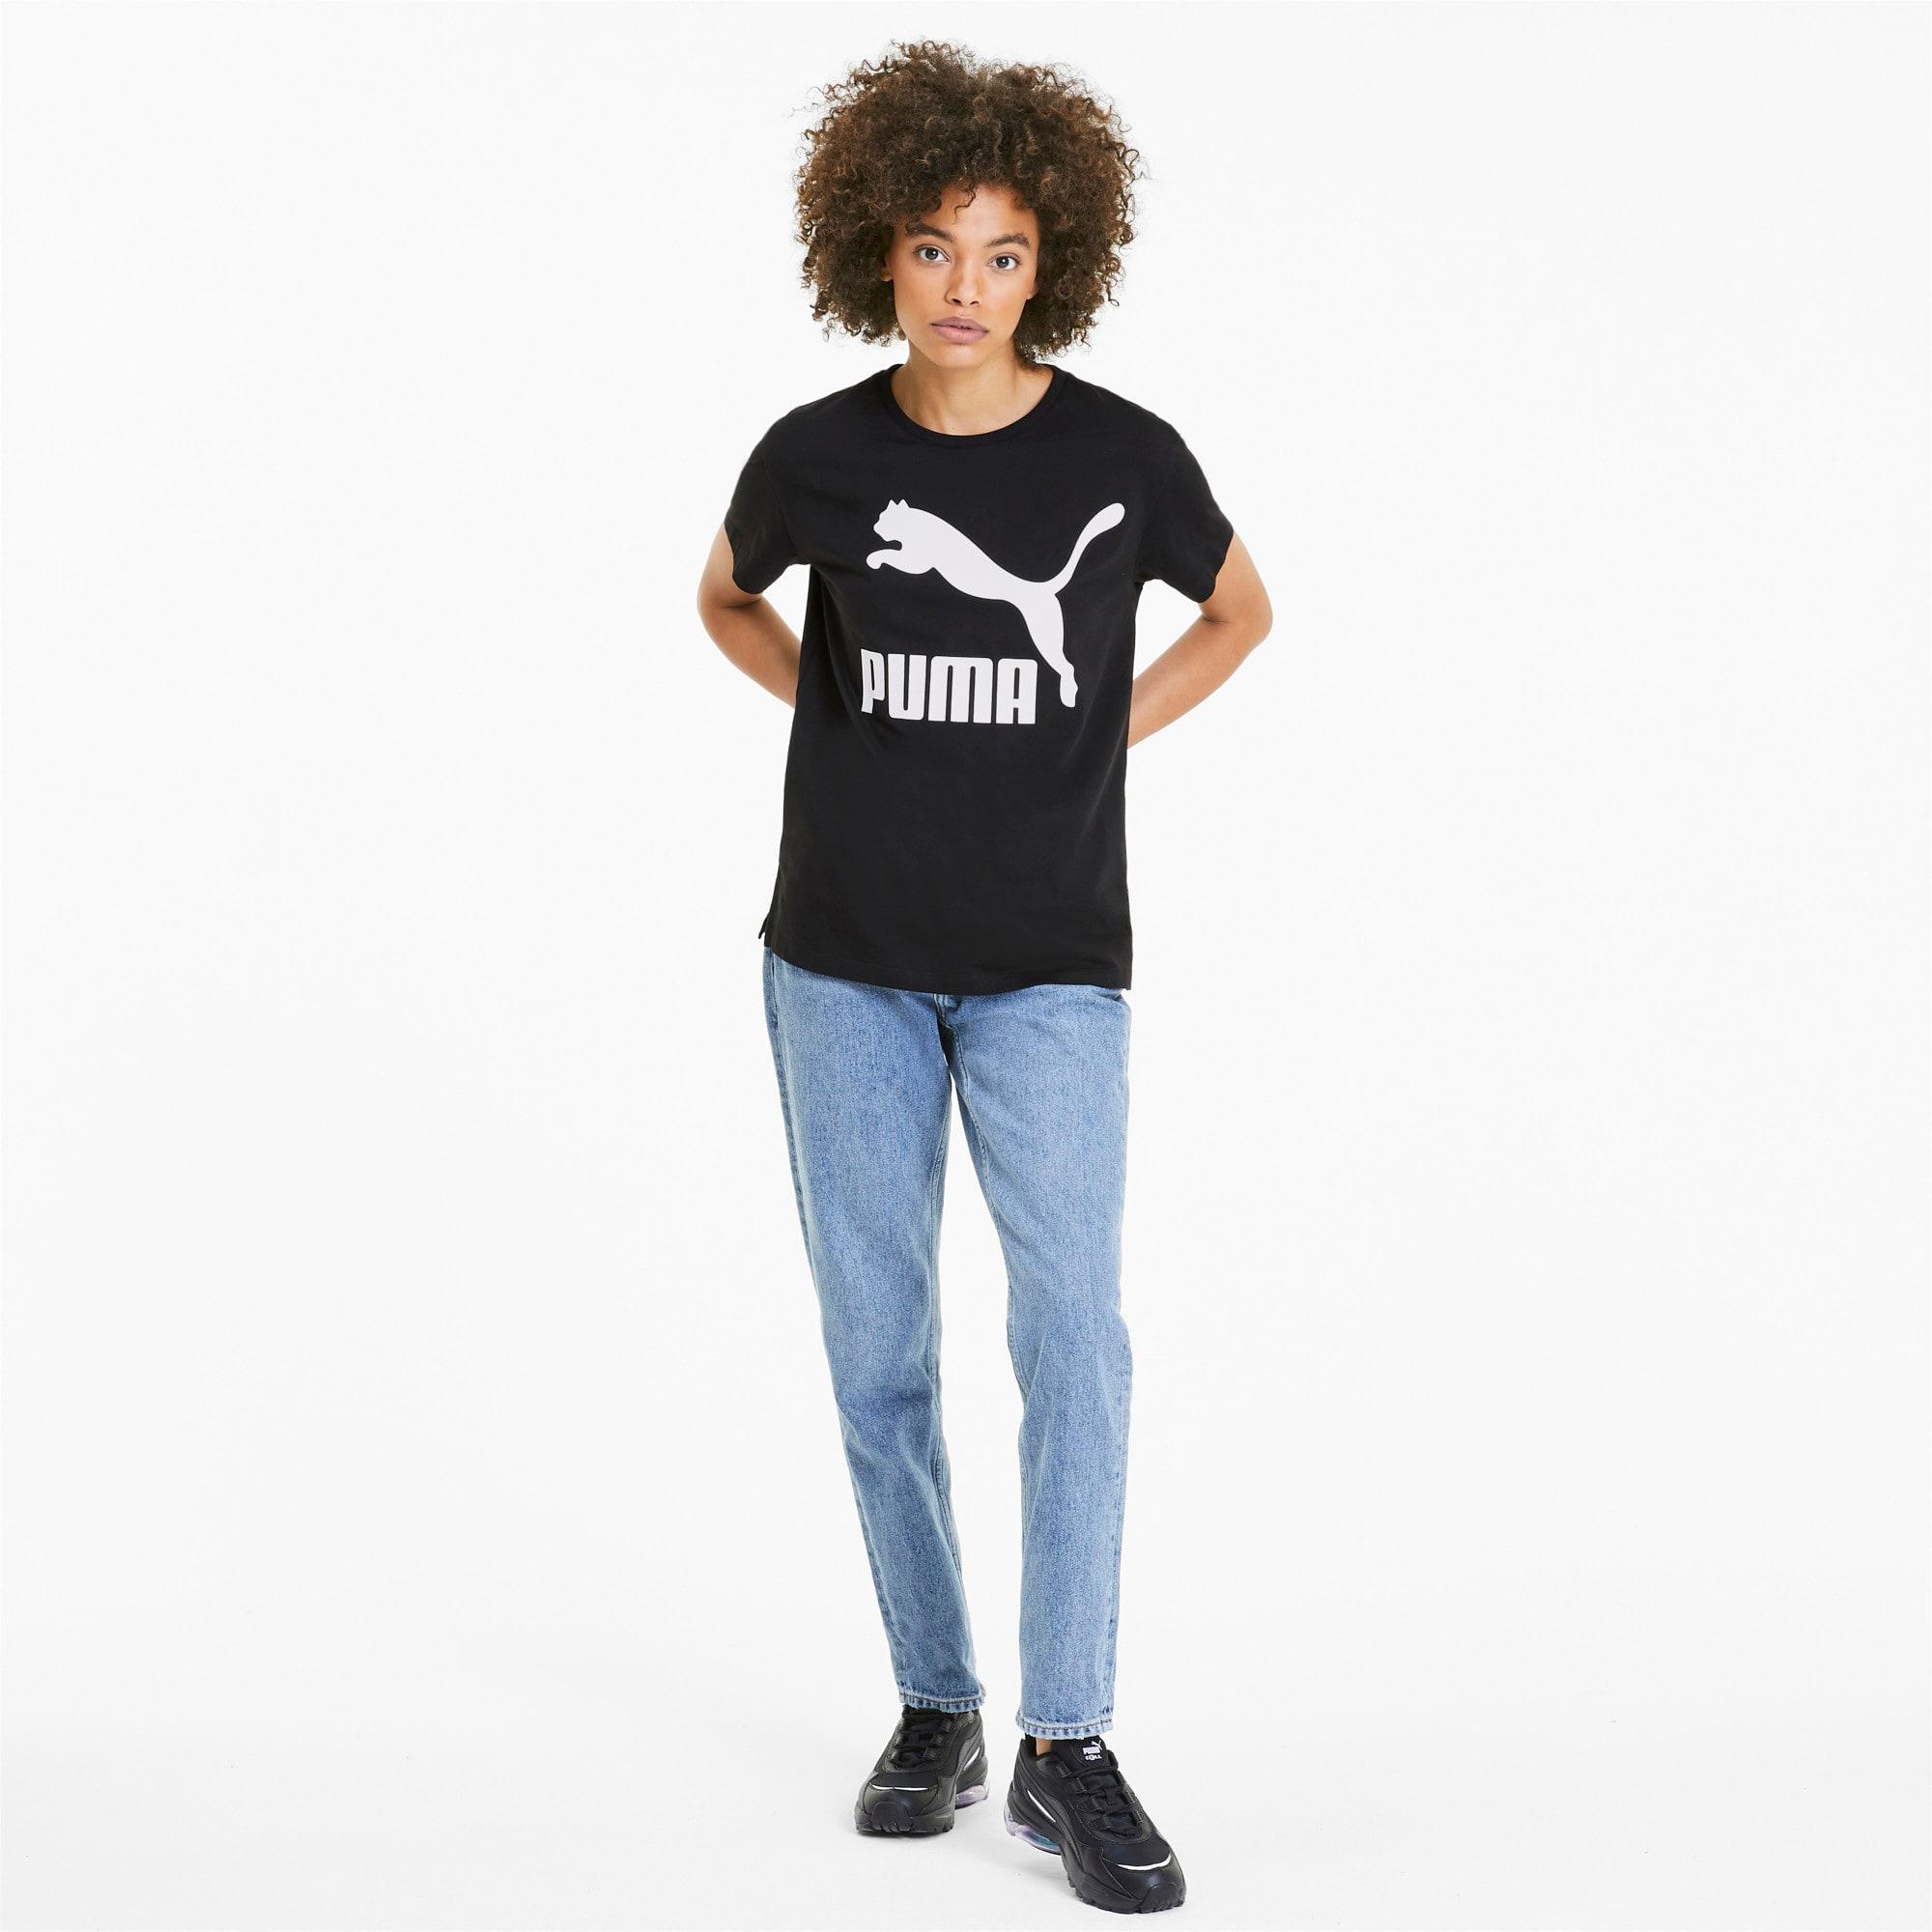 Thumbnail 3 of Classics Logo T-shirt voor dames, Puma Black - 1, medium